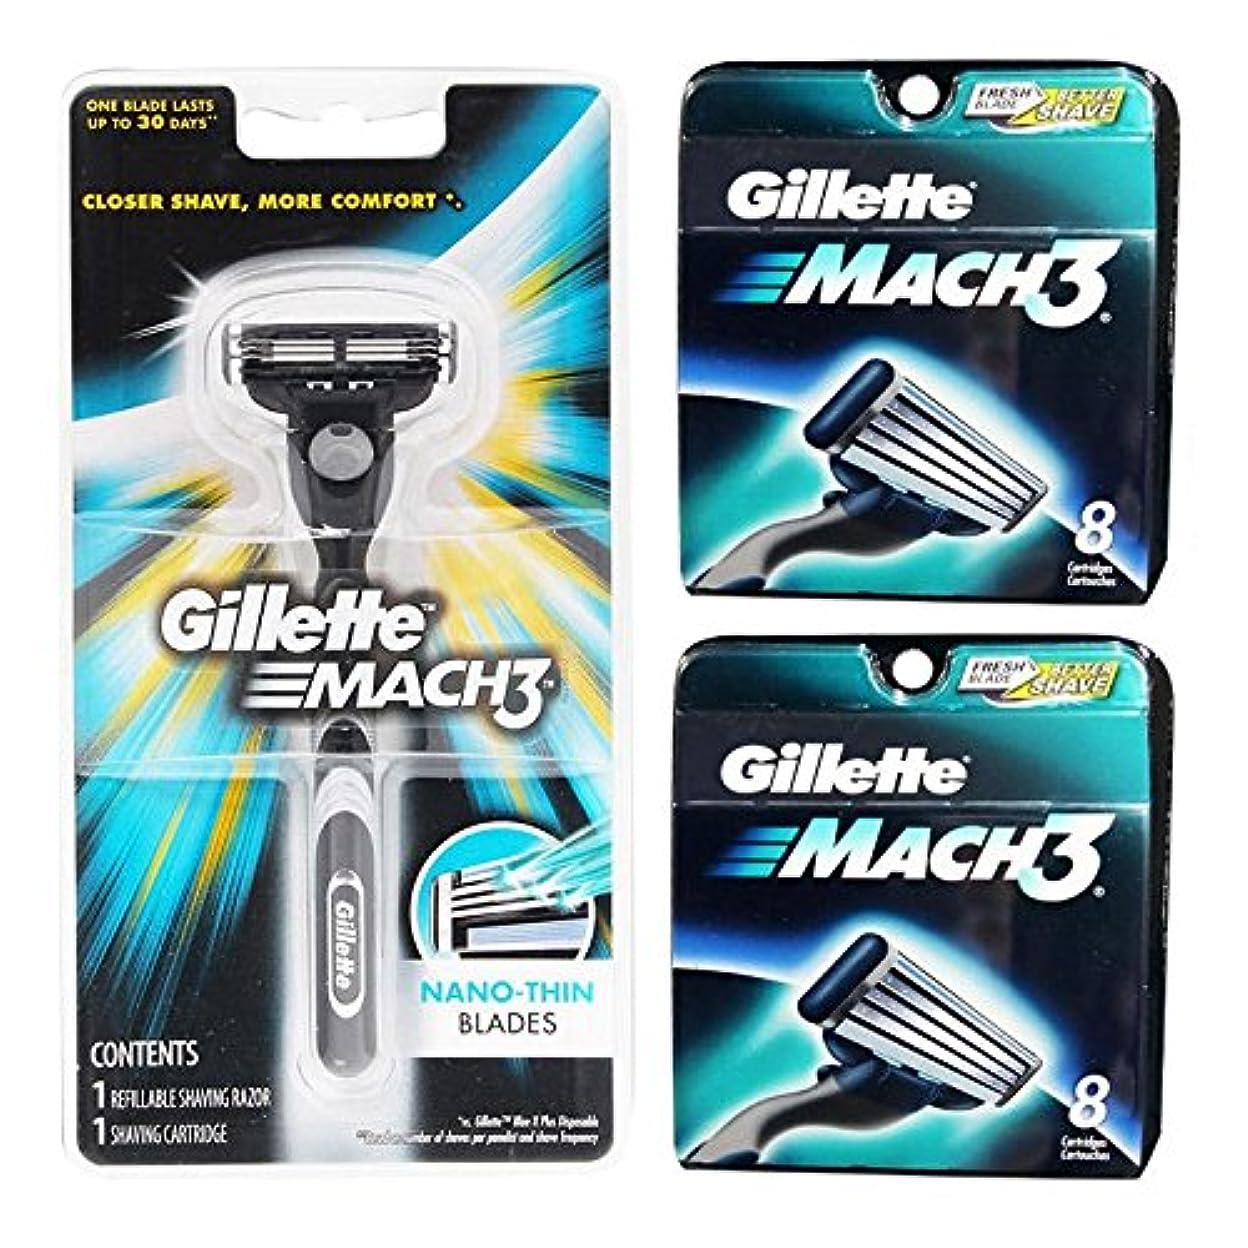 人部族ブリーフケースGillette MACH3 1 Razor + 16 Cartridges Refills Blade ダイヤモンドのようなコートド [並行輸入品]